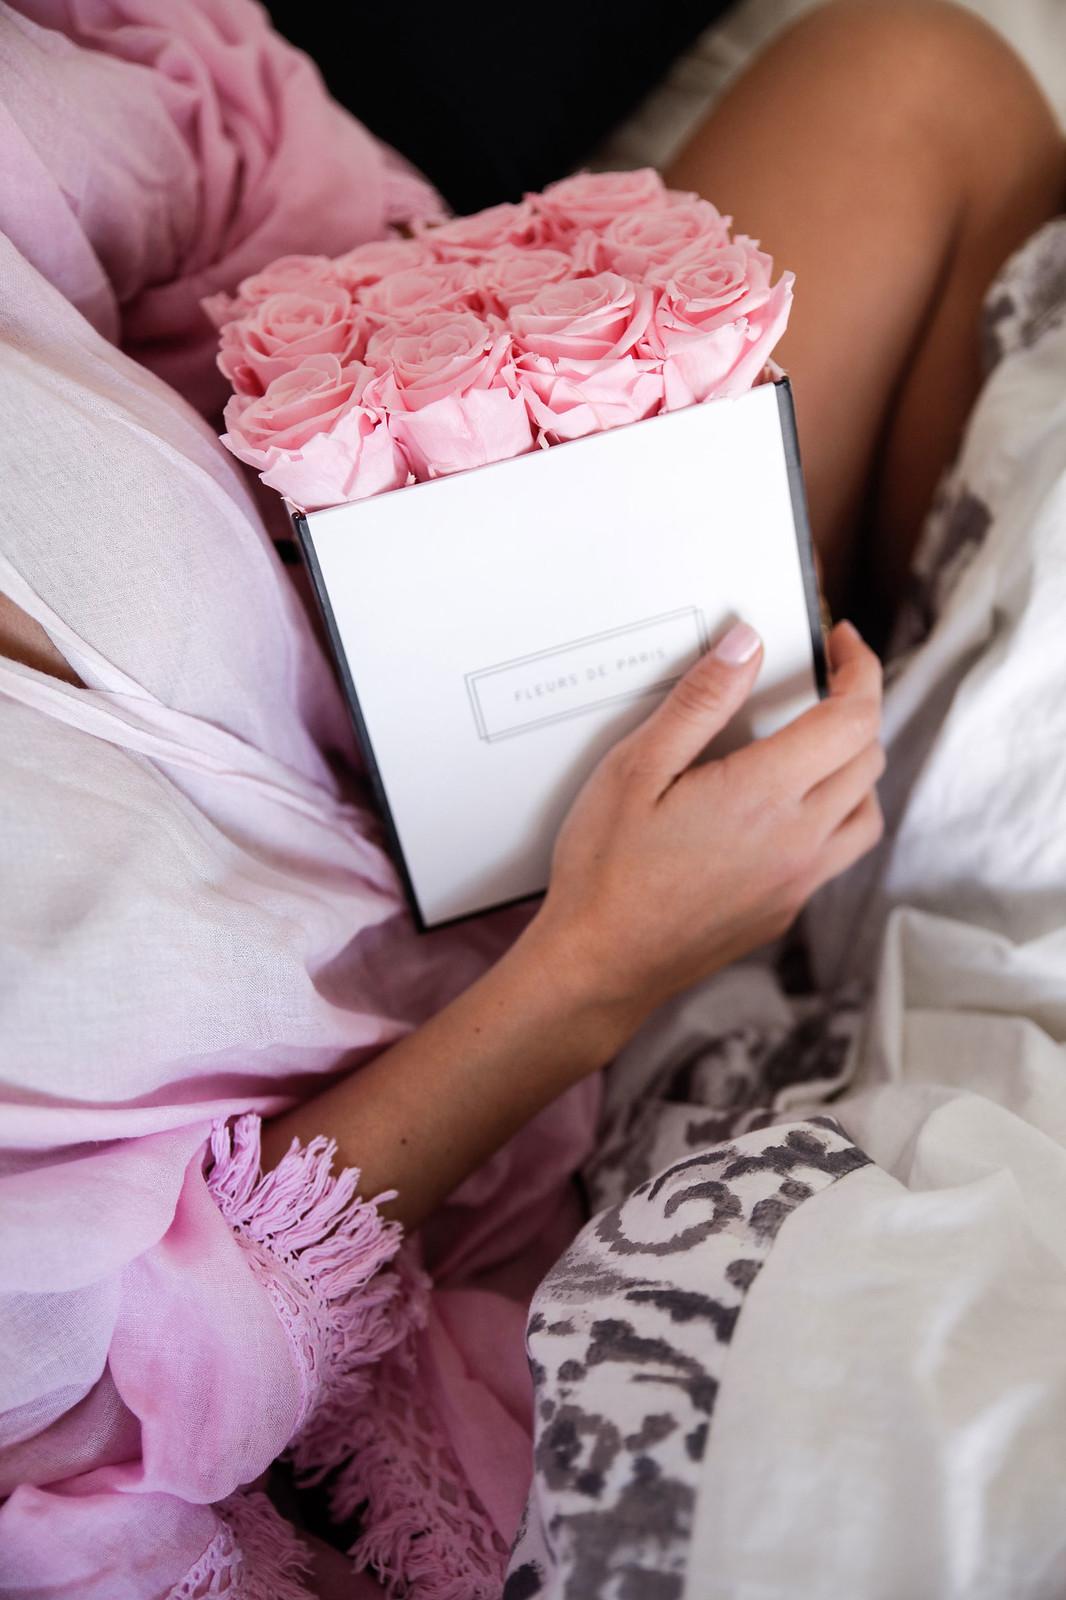 03_Desayuno_cama_breakfast_bed_Fleurs_Paris_Theguestgirl_Flowers_pink_influencer_barcelona_flores_laura_santolaria